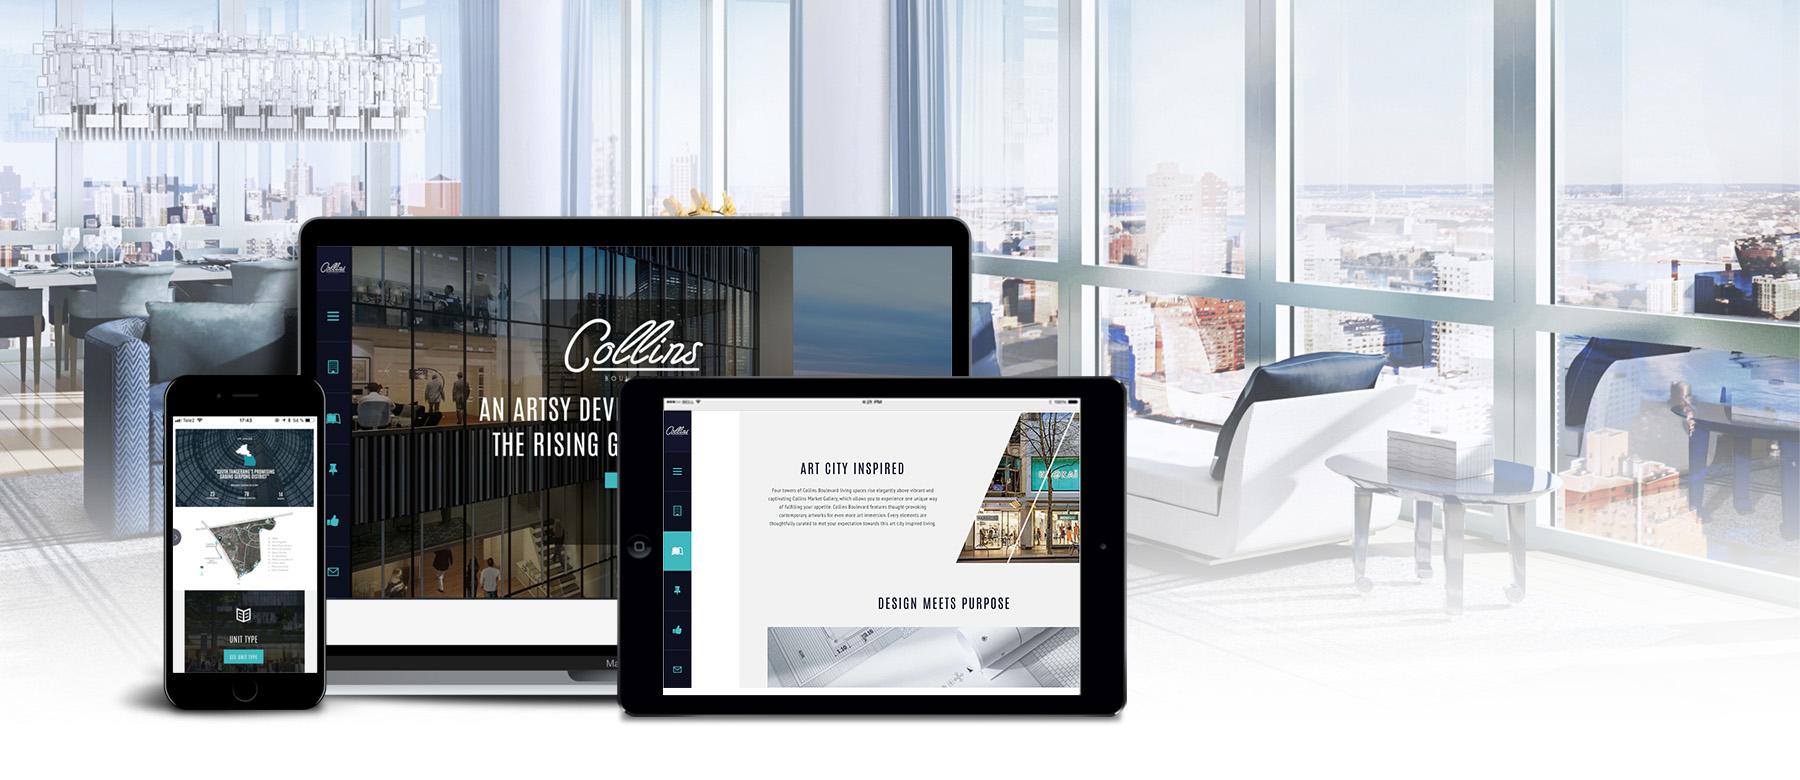 Collins web